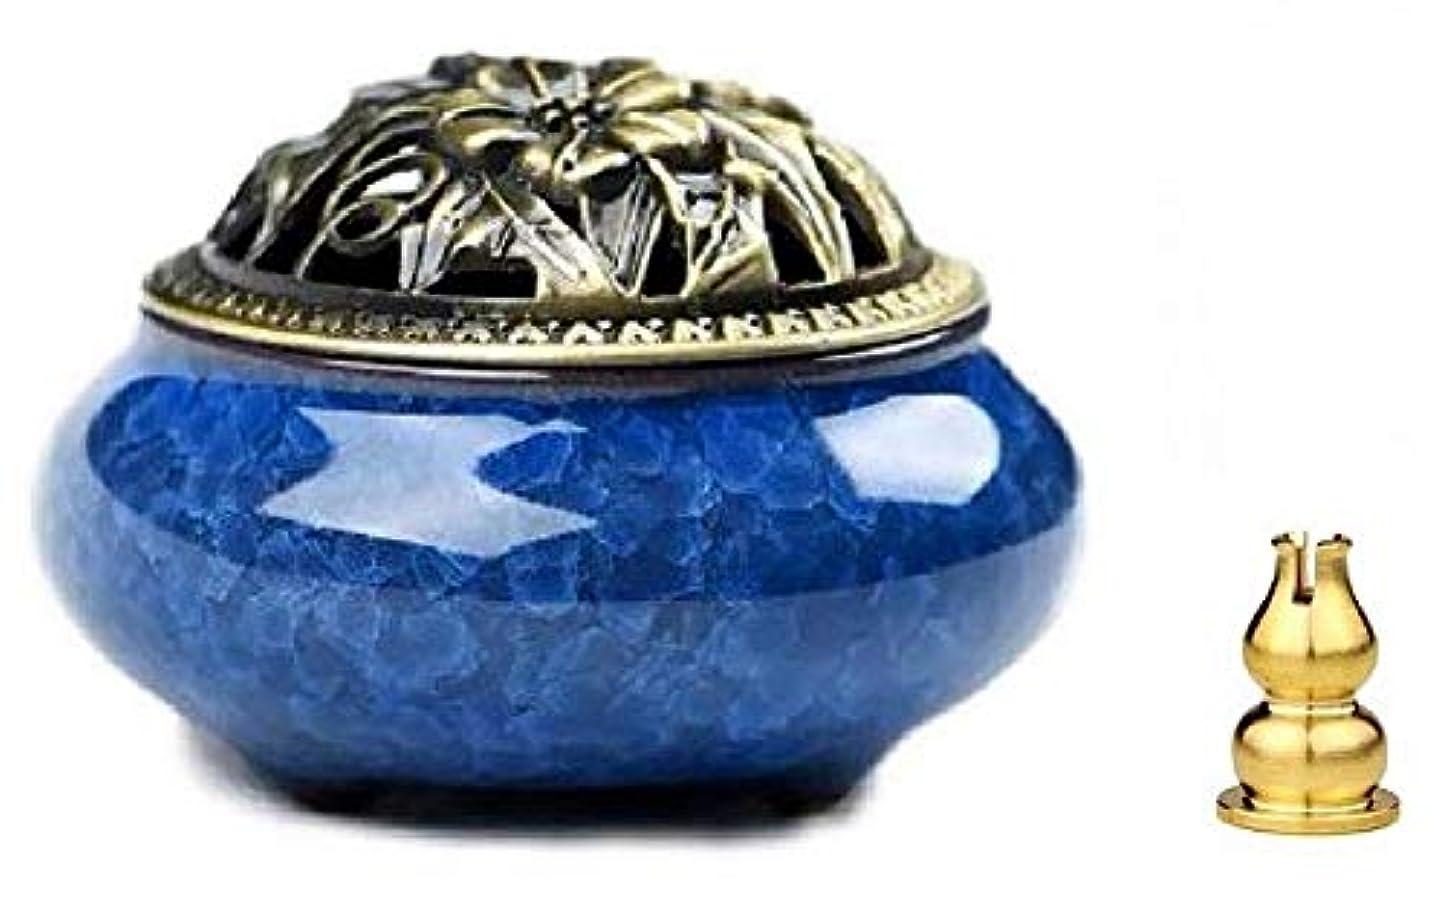 ルアー第五酔った陶磁器 香炉 青磁 丸香炉 お香立て 渦巻き線香 アロマ などに 香立て付き (青色)